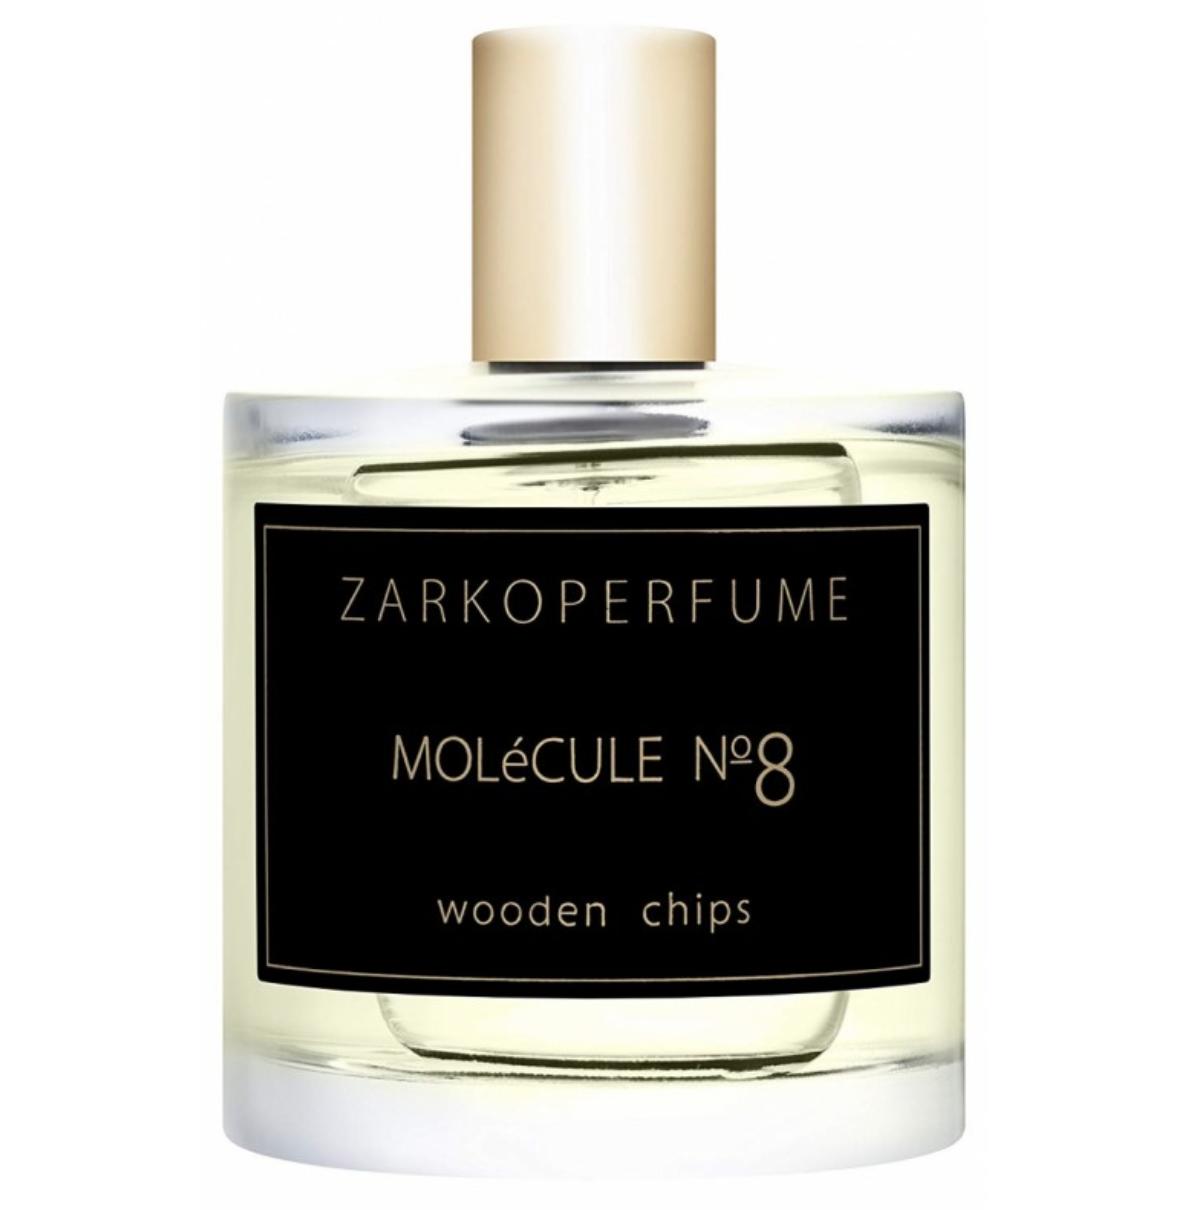 ZarkoPerfume Molécule NO 8.